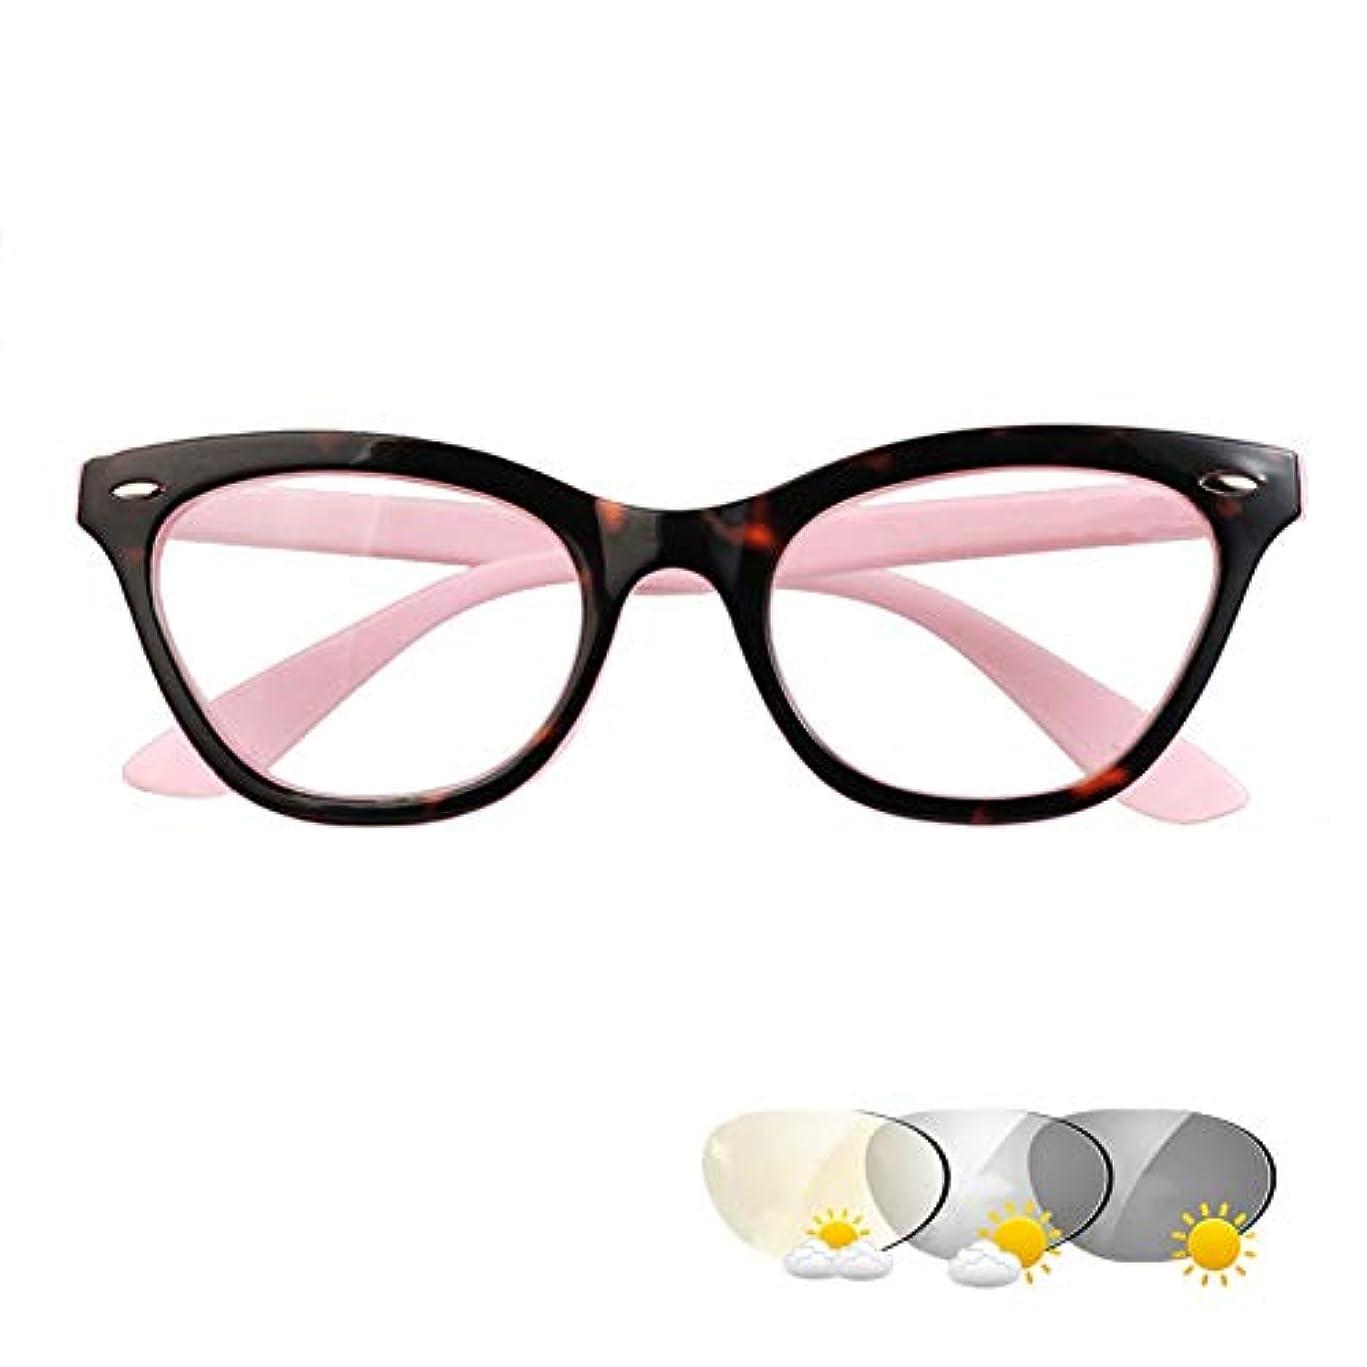 インテリジェントなフォトクロミック老眼鏡、プログレッシブ多焦点サングラス、レトロなファッションの男性と女性のアンチブルーグラス、遠くと近く